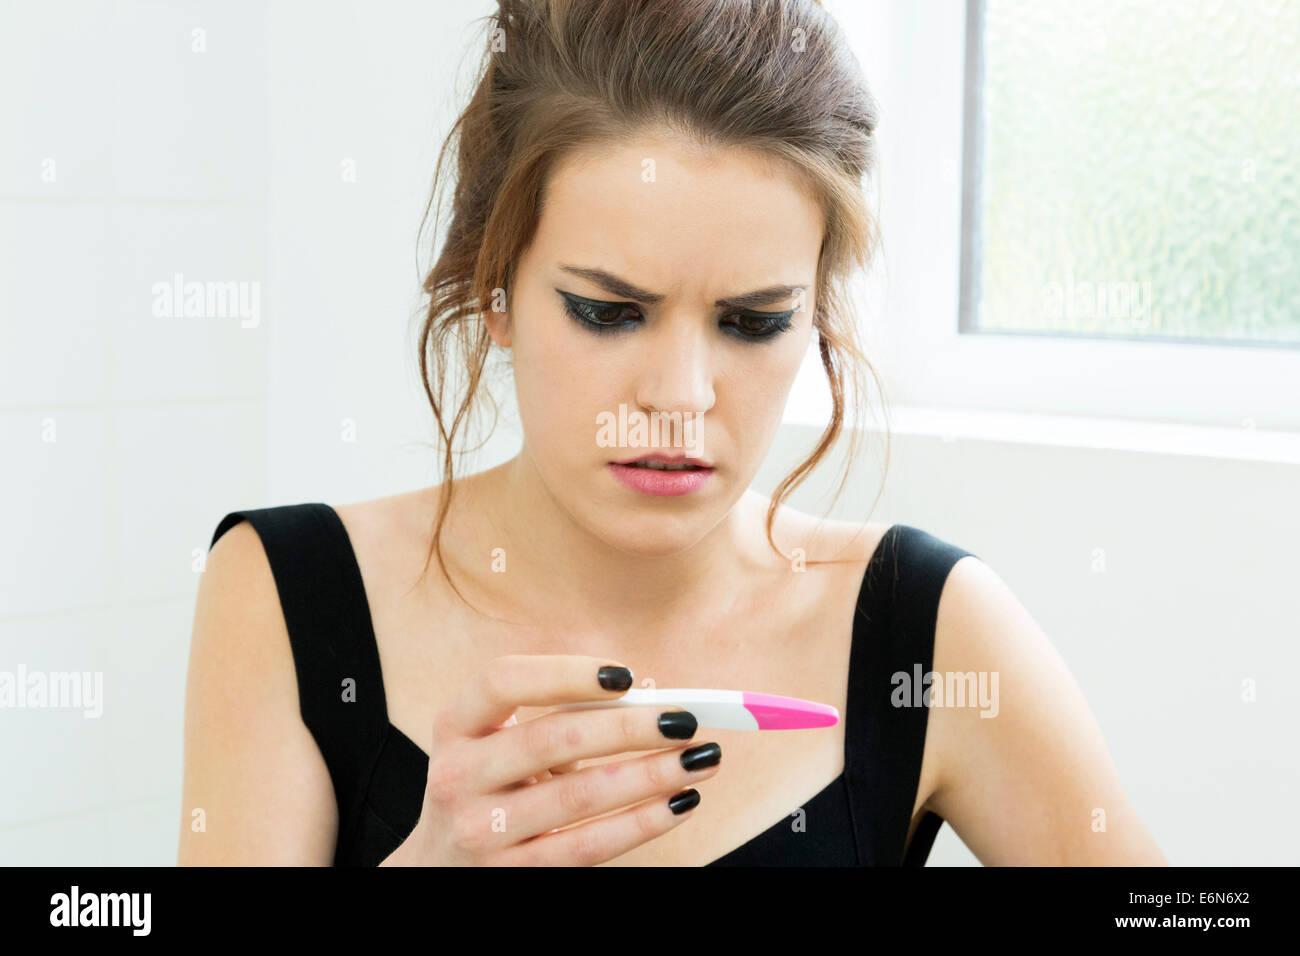 Femme inquiète en utilisant un test de grossesse Photo Stock